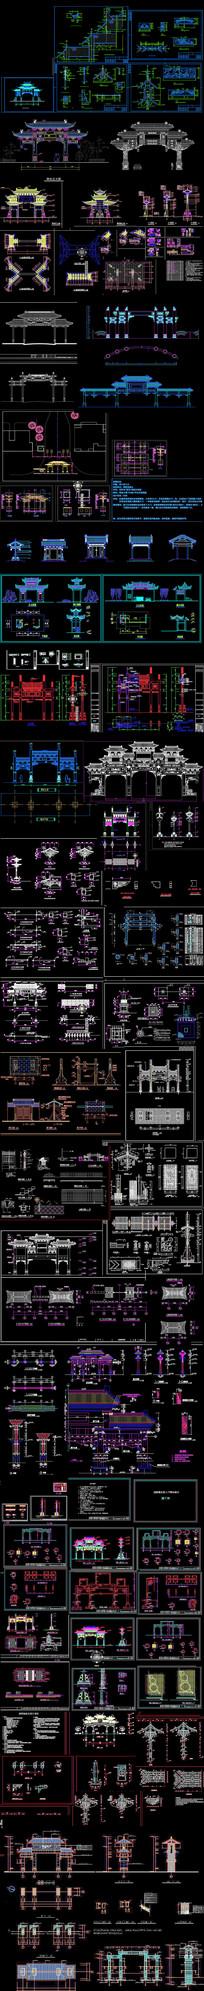 古典牌楼施工图